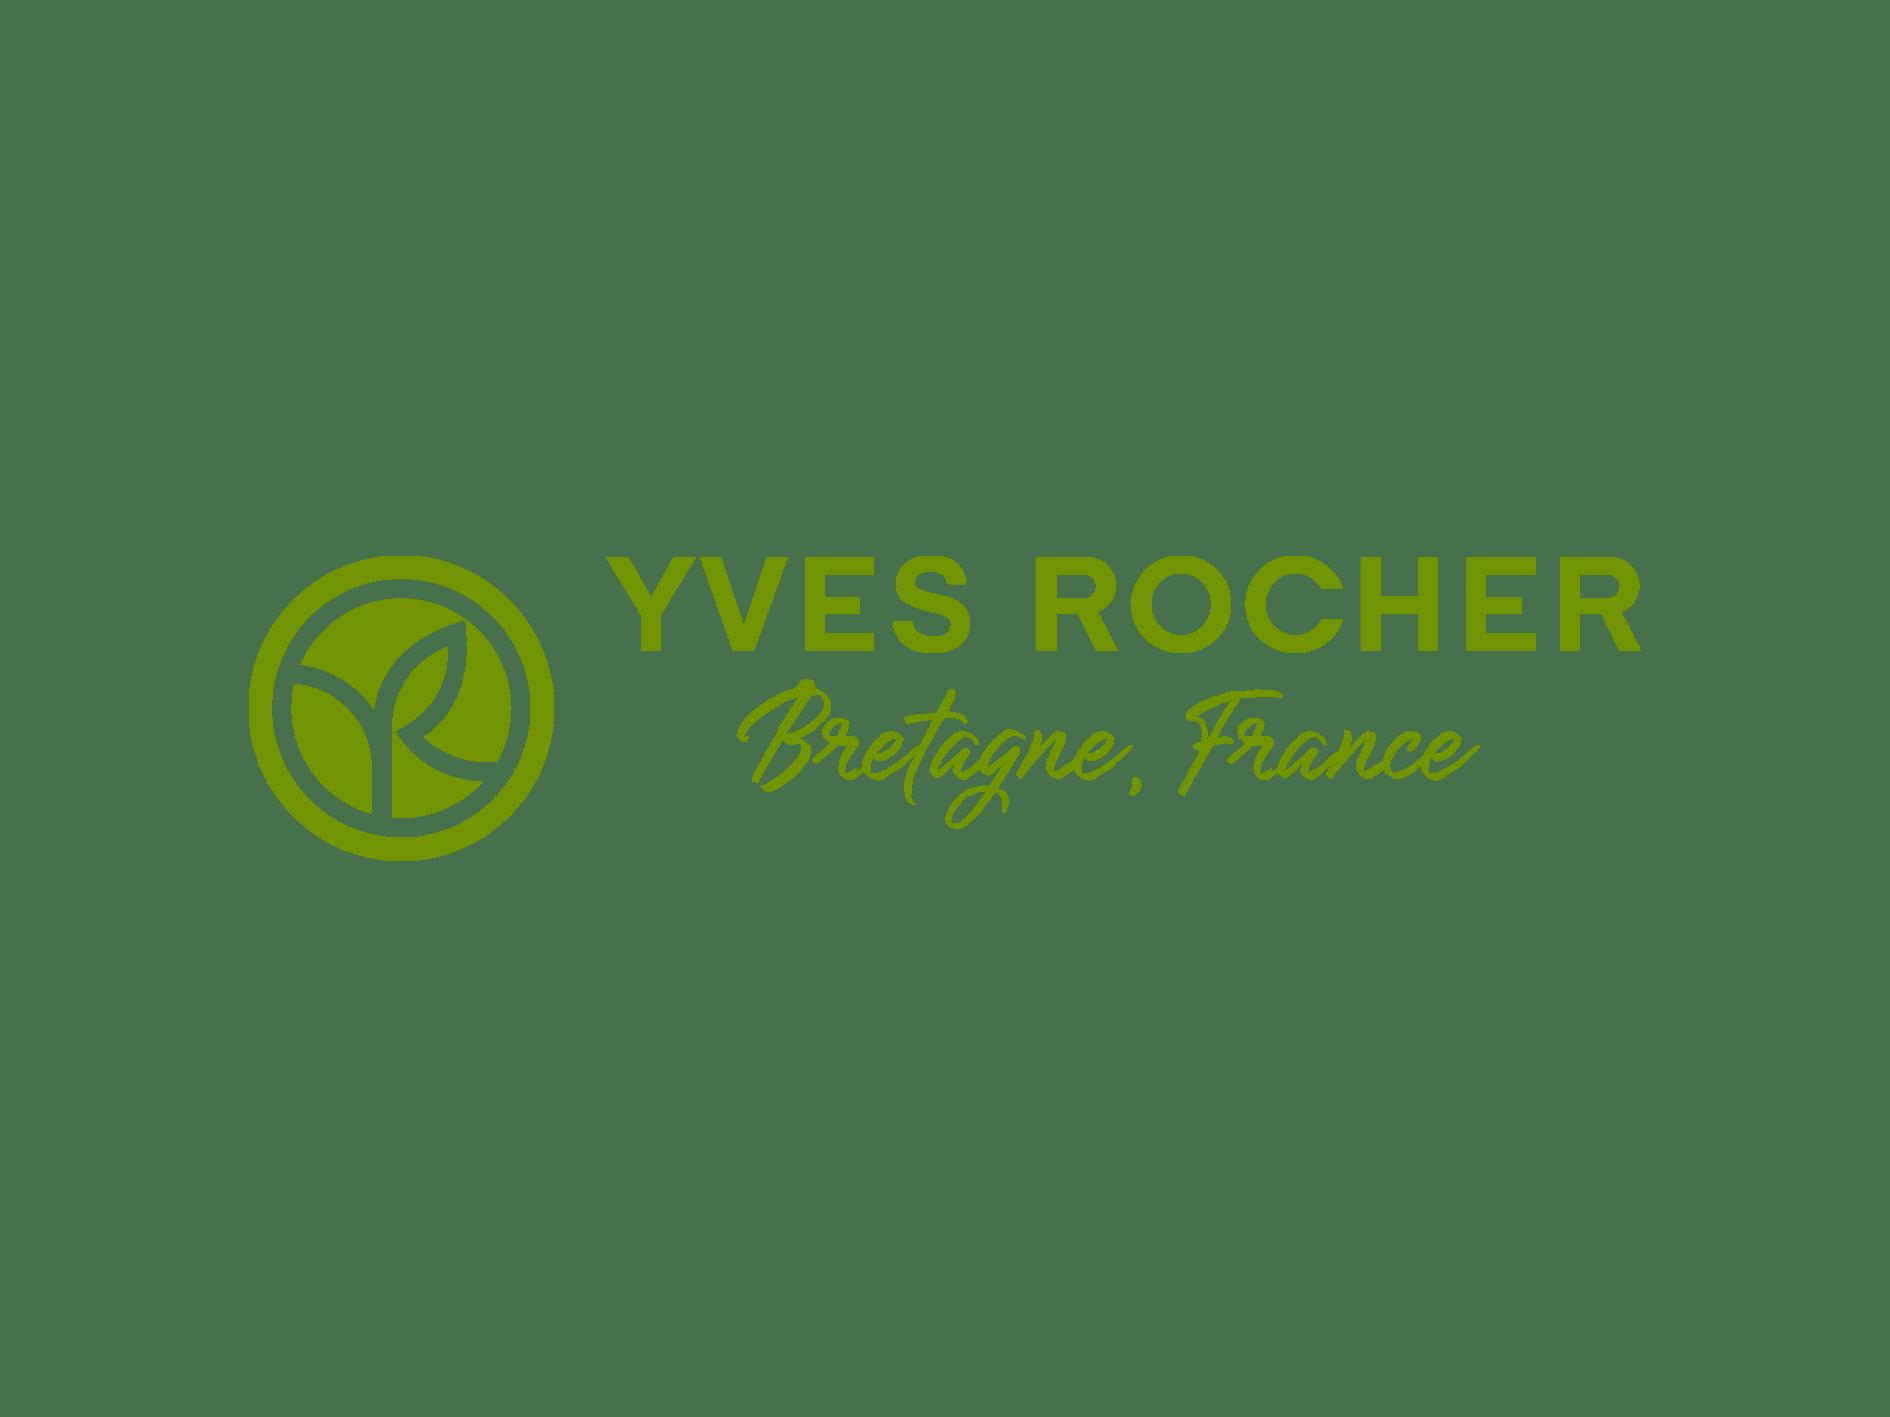 Yves Rocher  - kiev.karavan.com.ua